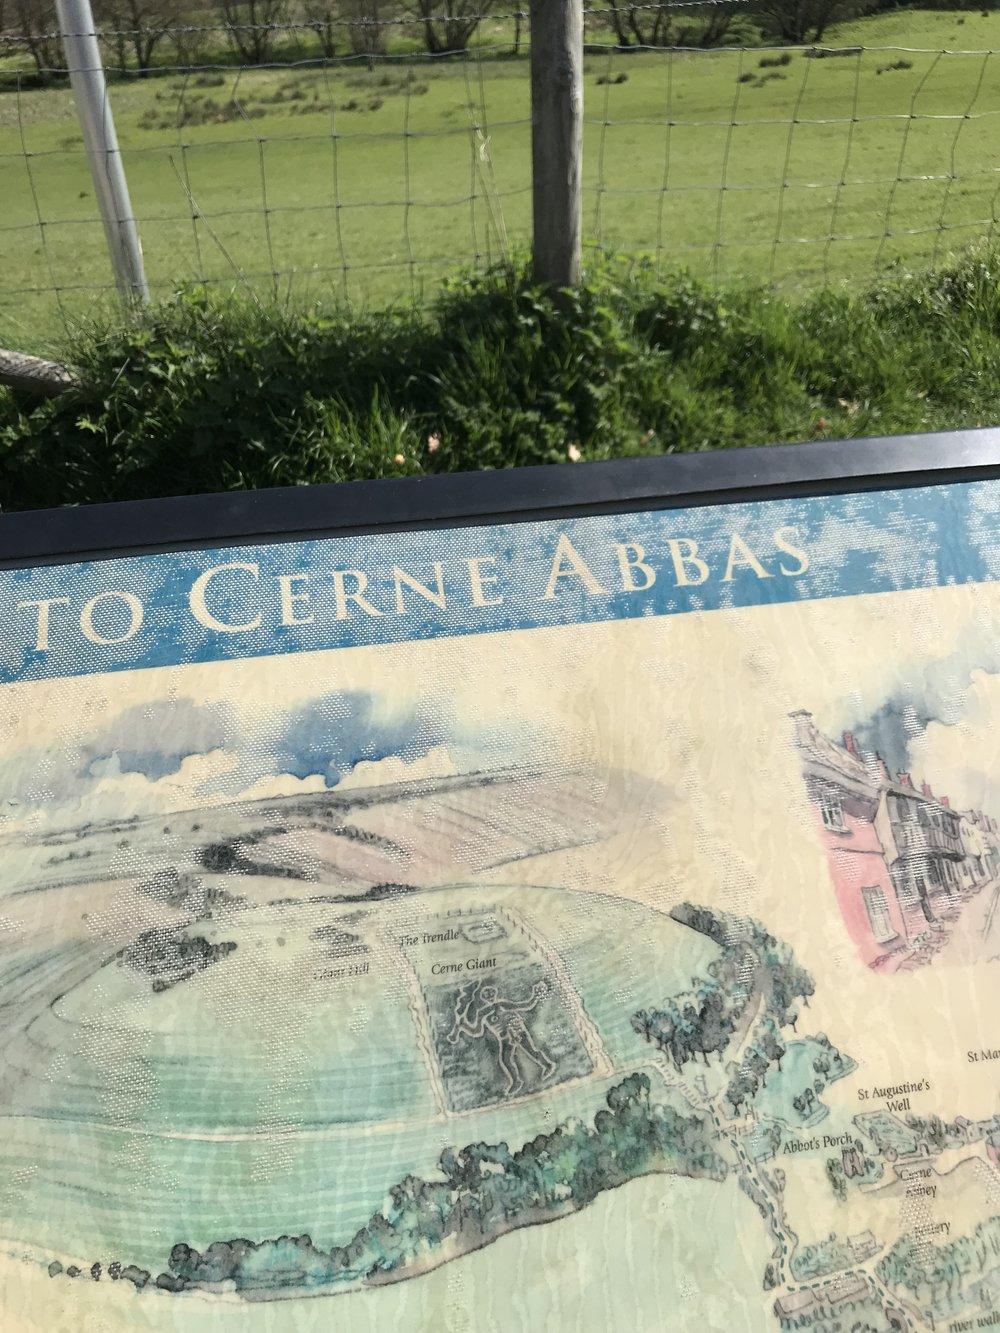 3: Cerne Abbas Giant - Dorchester, Dorset DT2 7AL